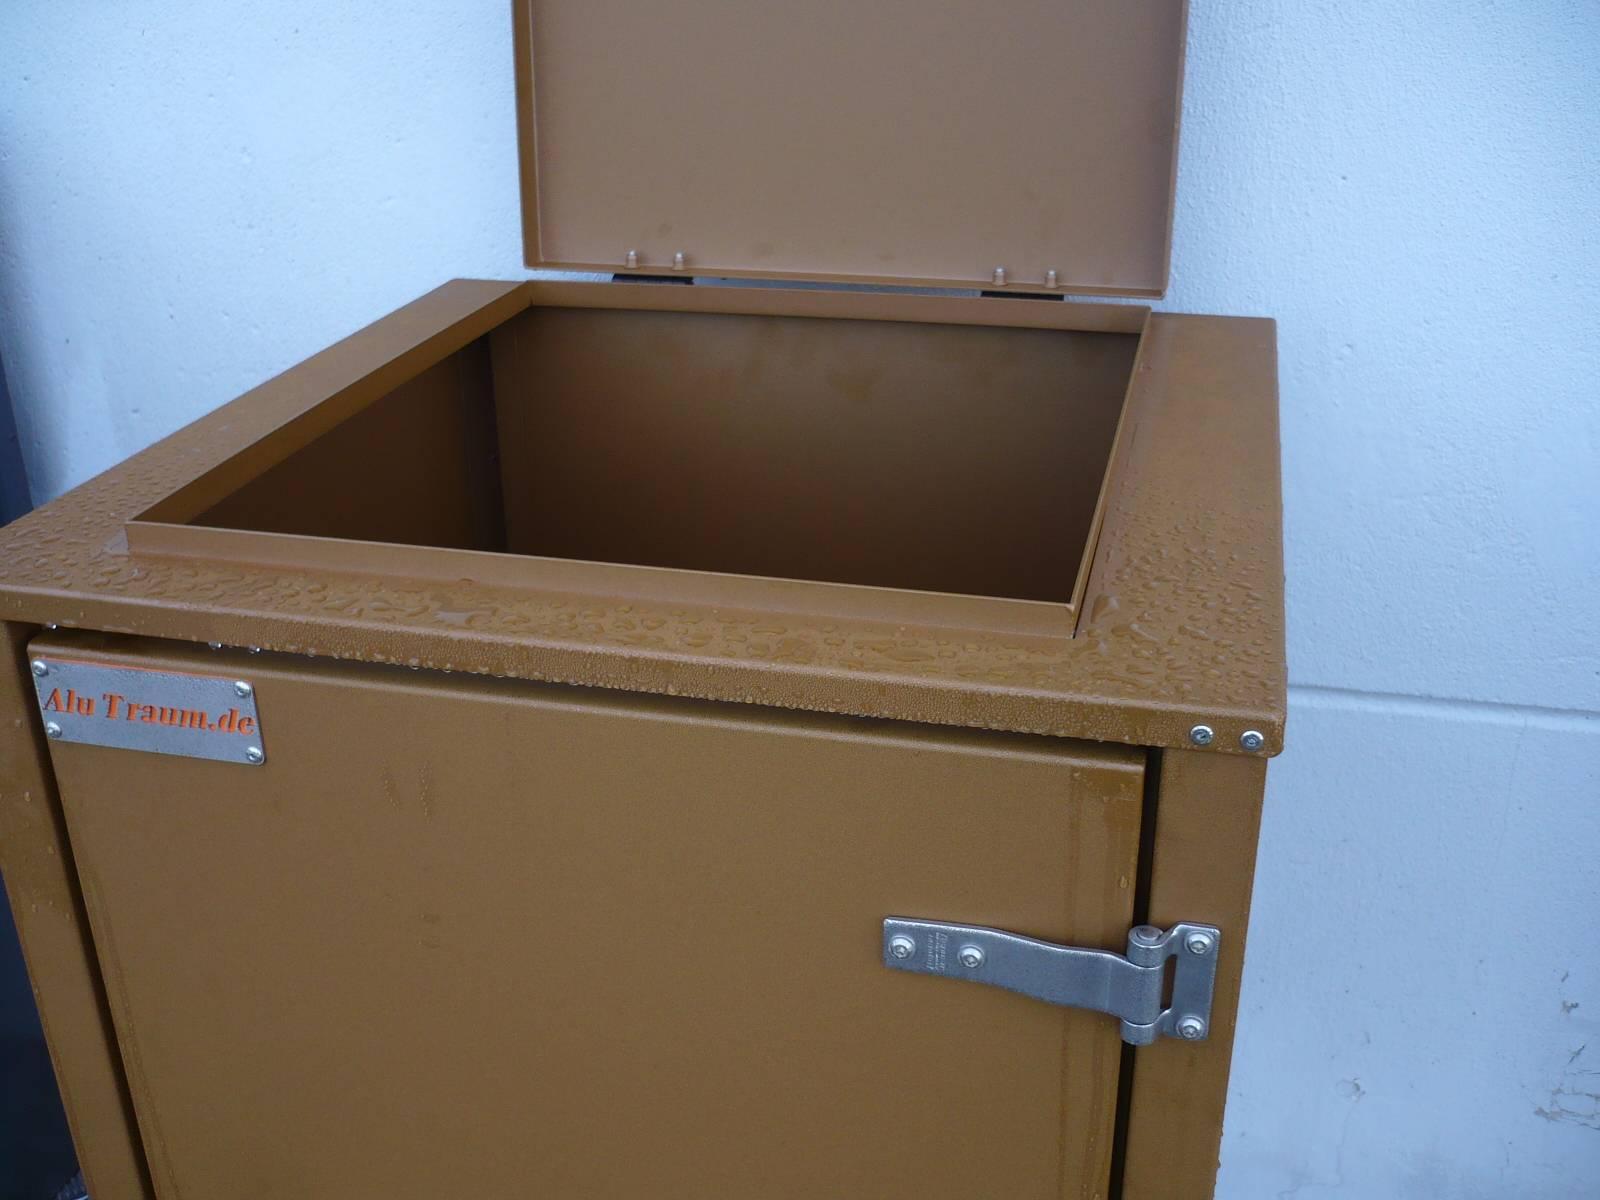 Alutraum_Tonnenbox-18